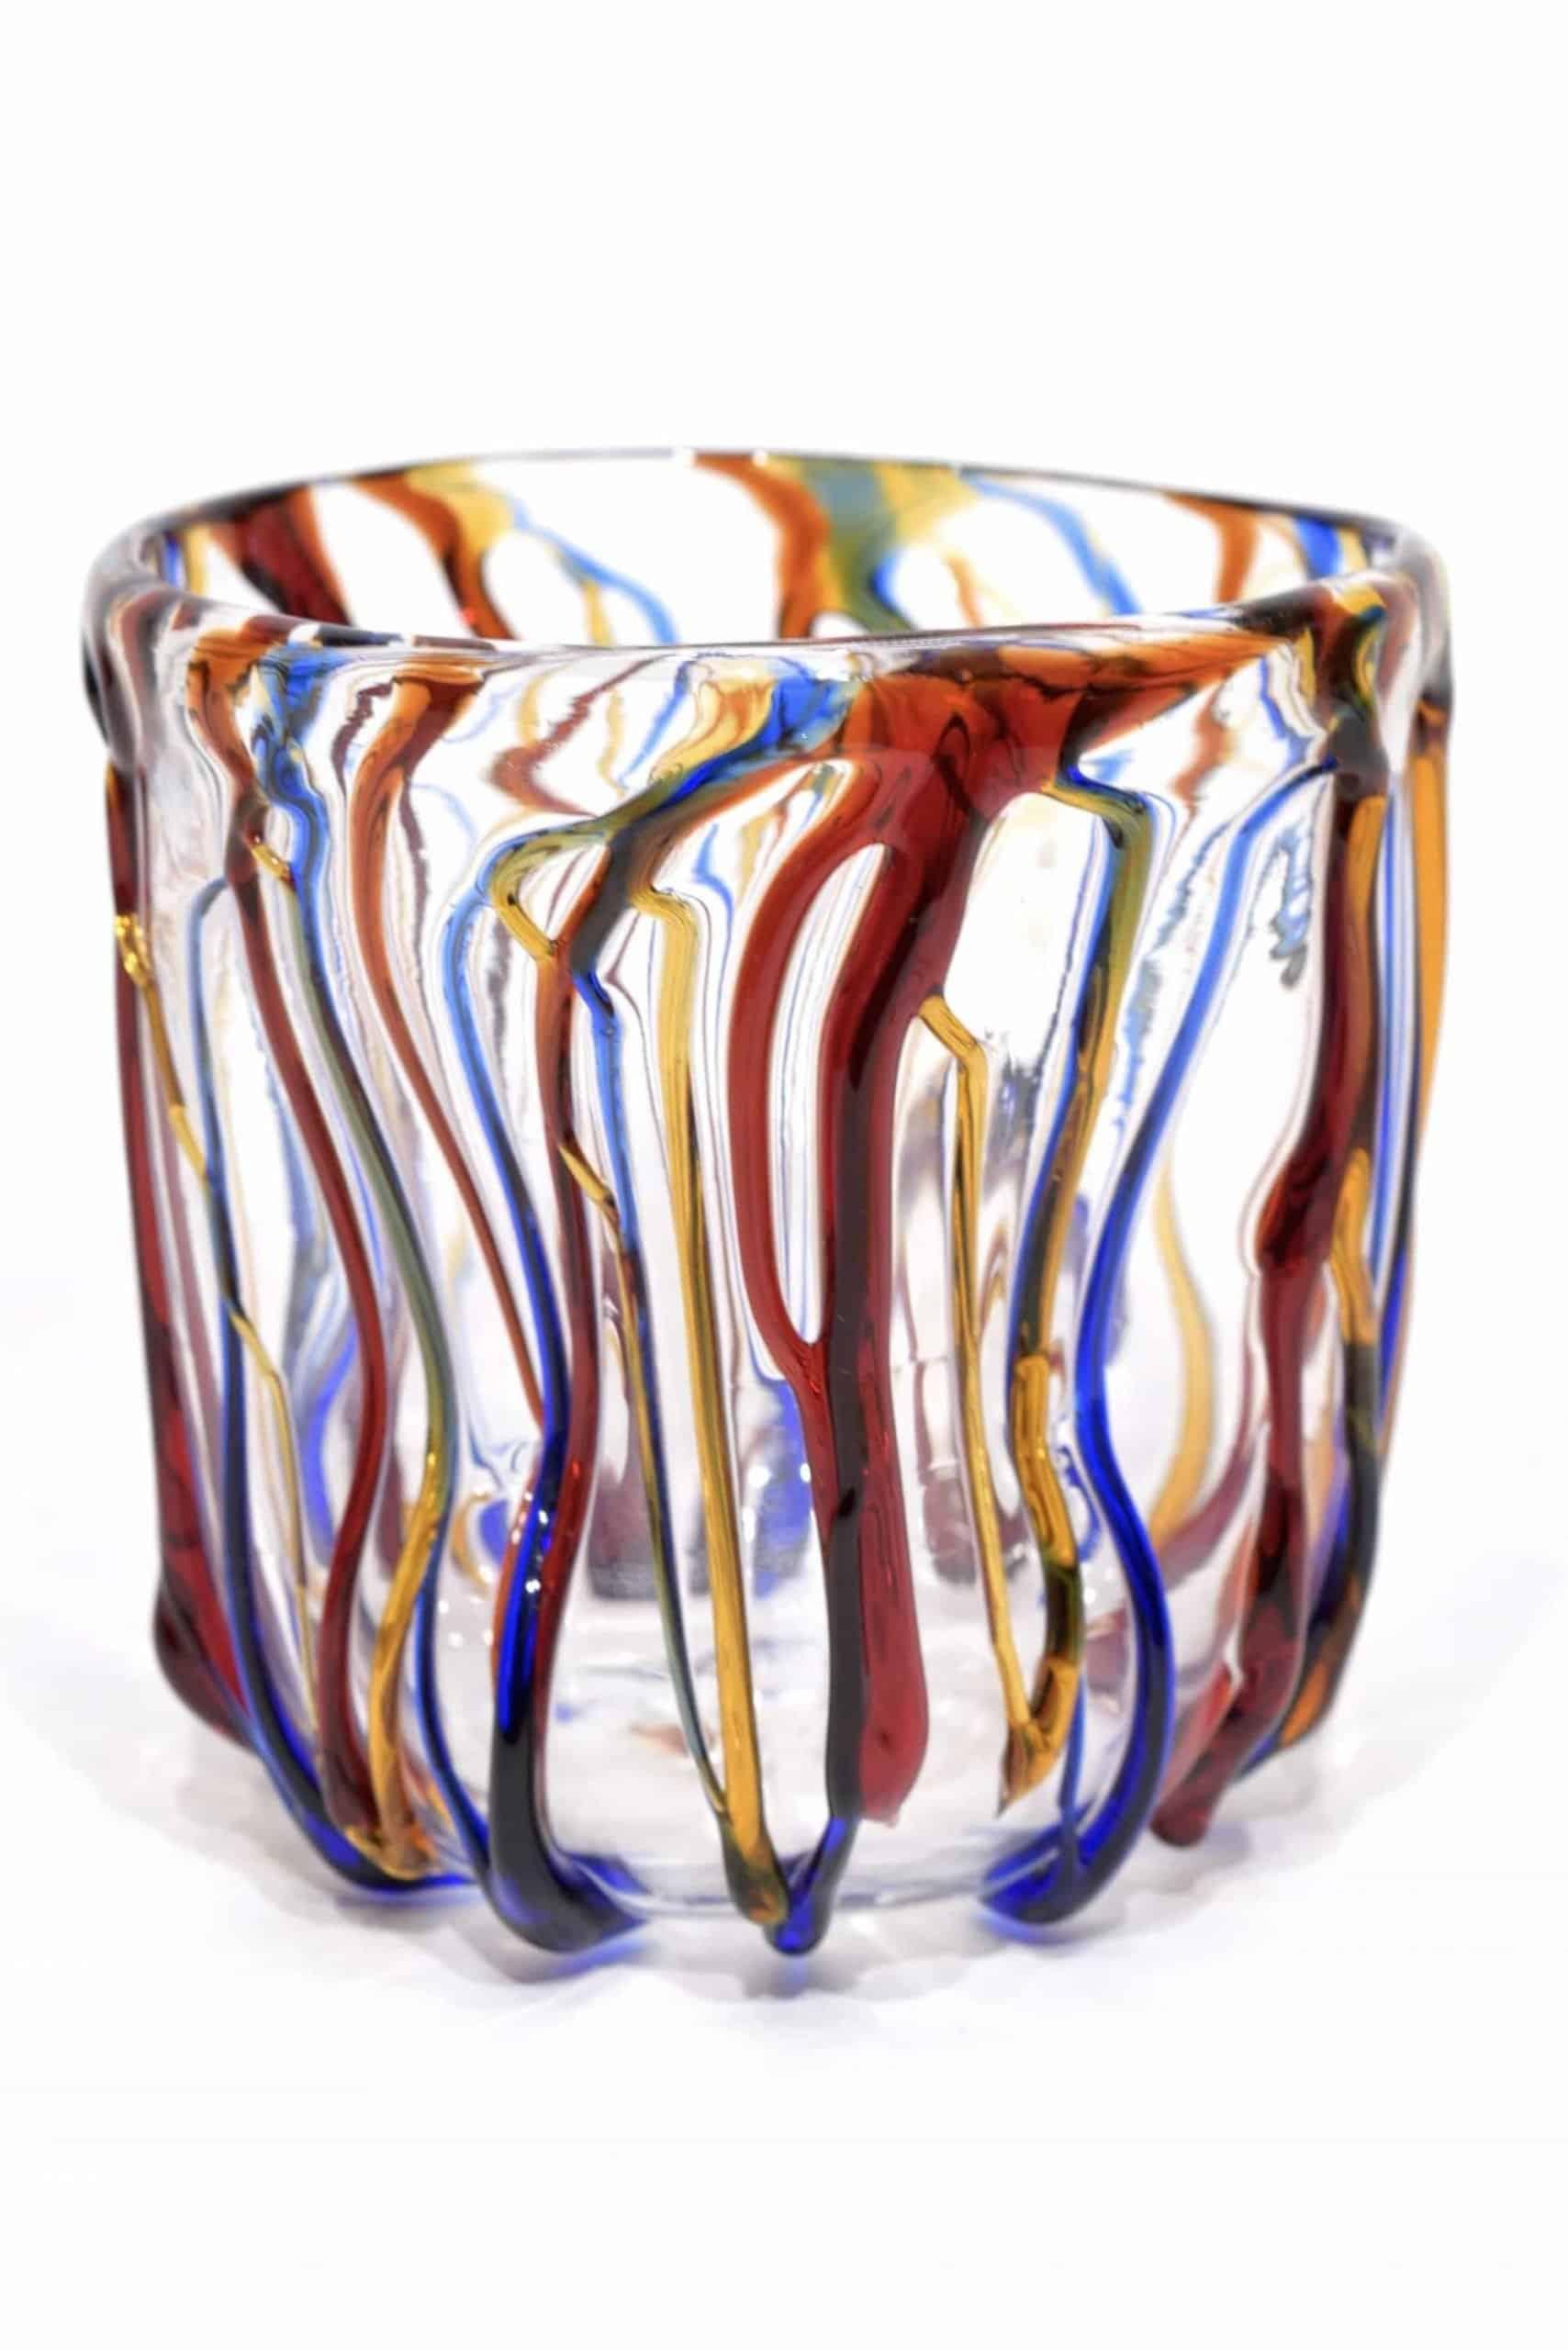 Brille Murano Glas goto unterzeichnet